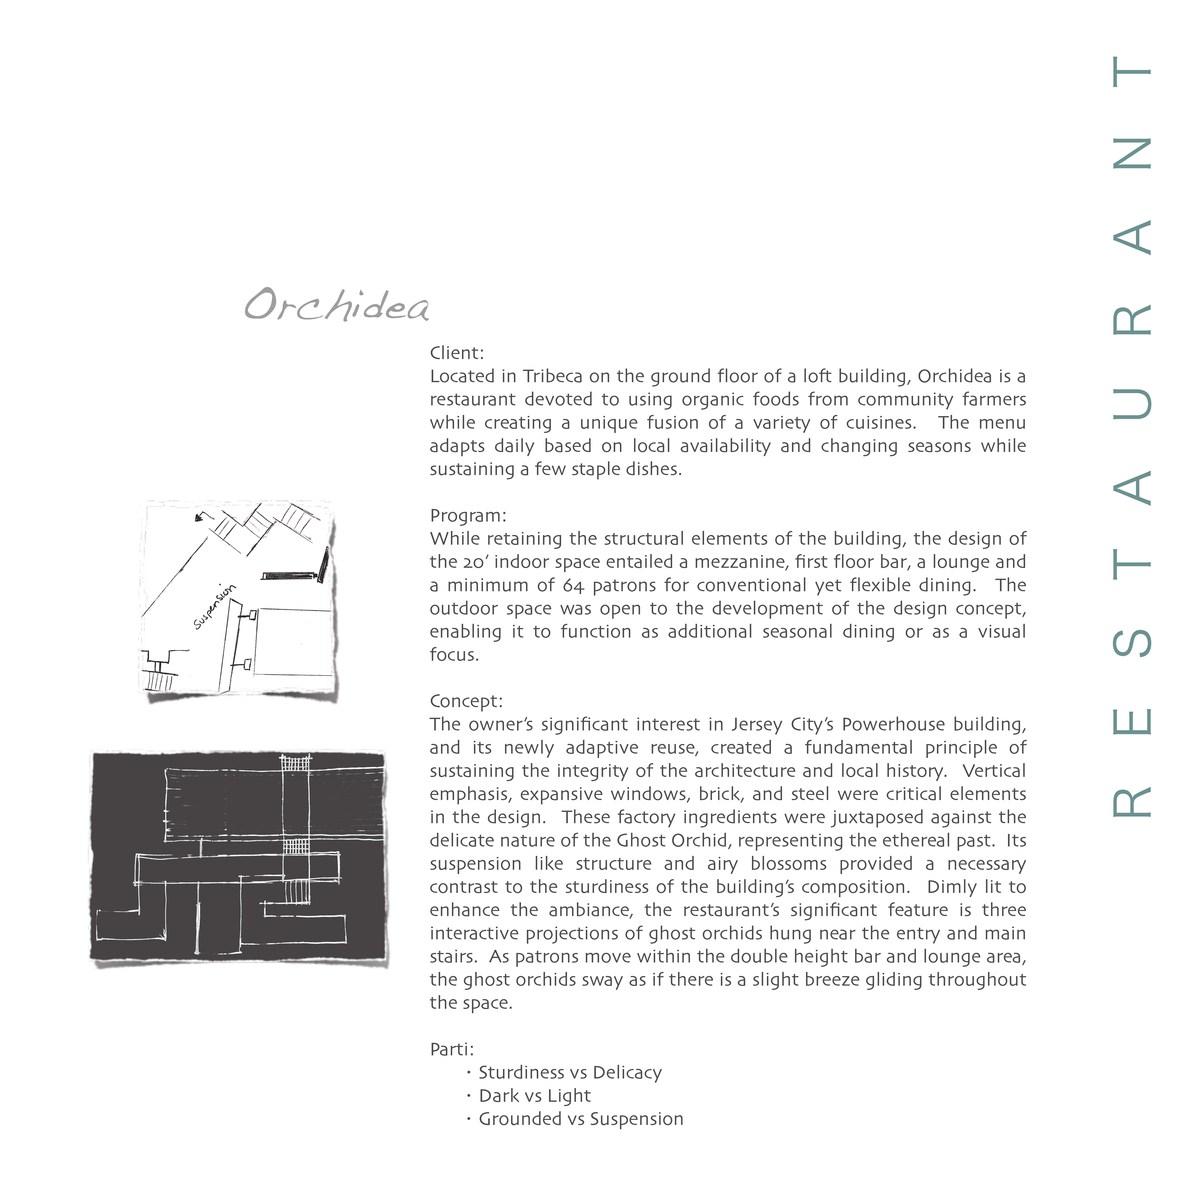 Client, Program & Concept